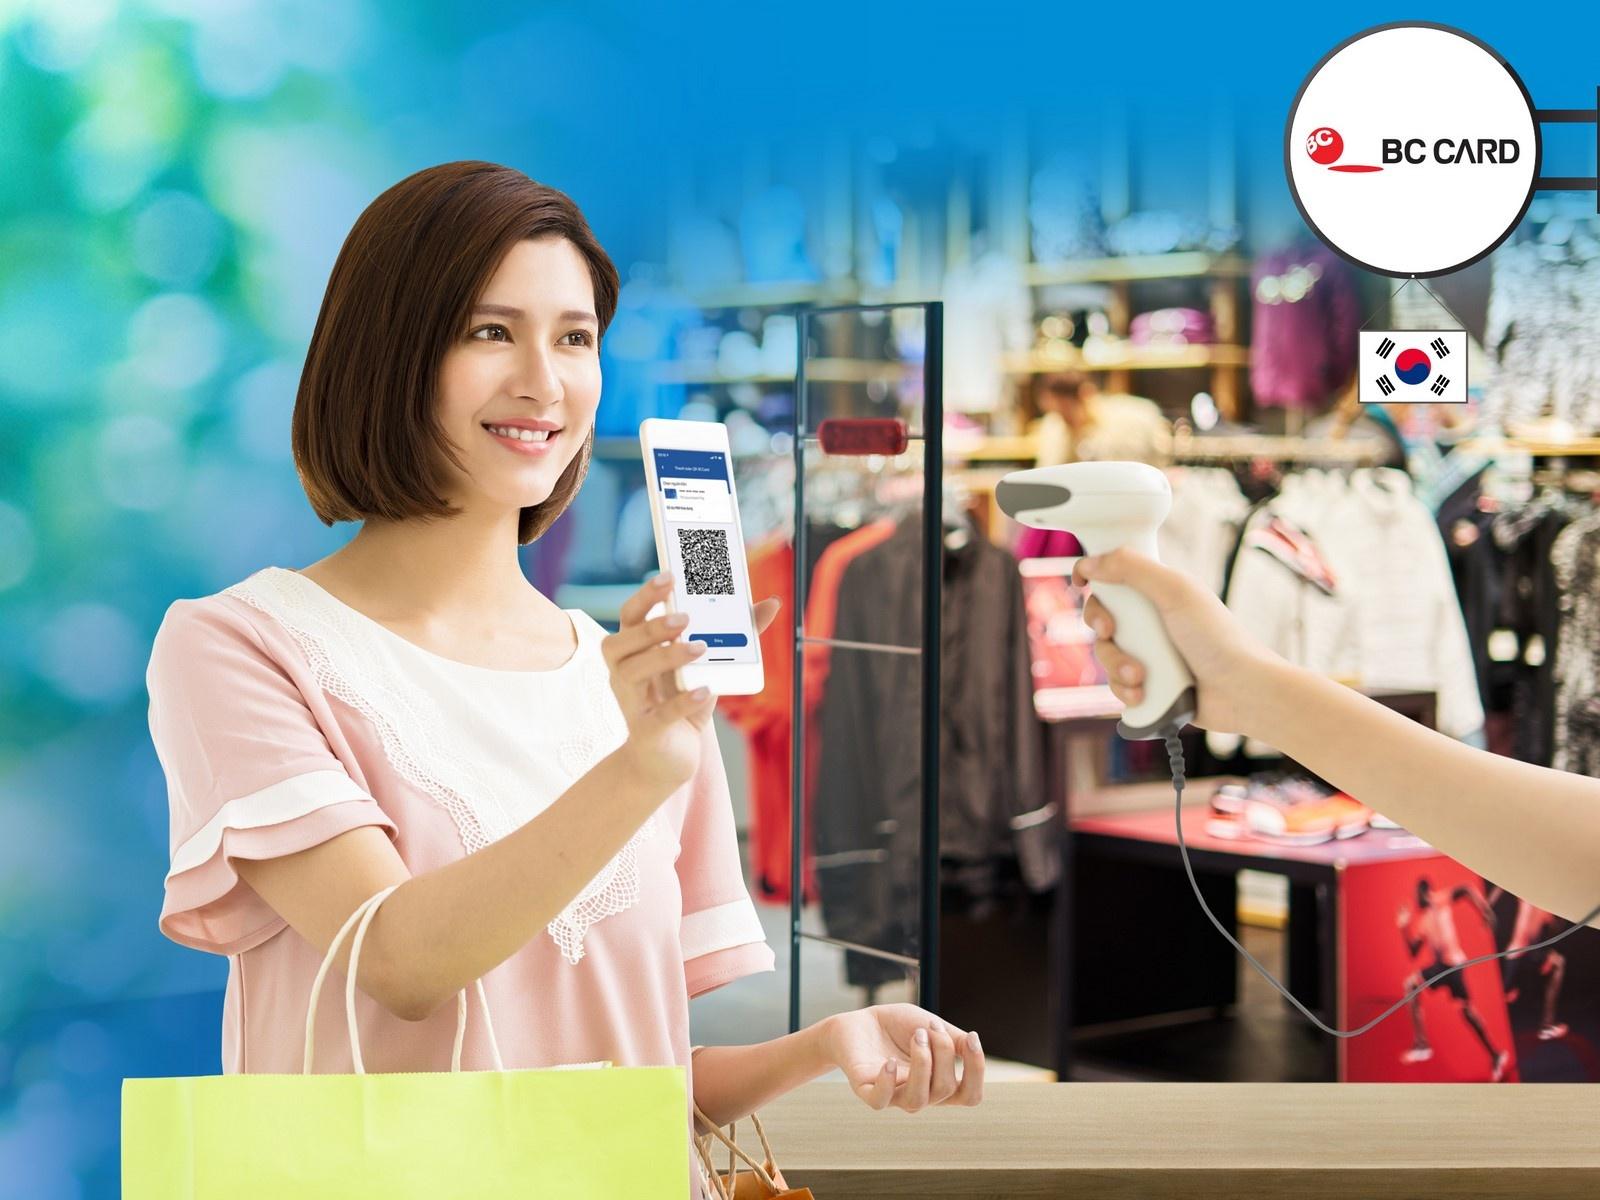 Sacombank triển khai thanh toán QR tại điểm chấp nhận của BC Card ở Hàn Quốc